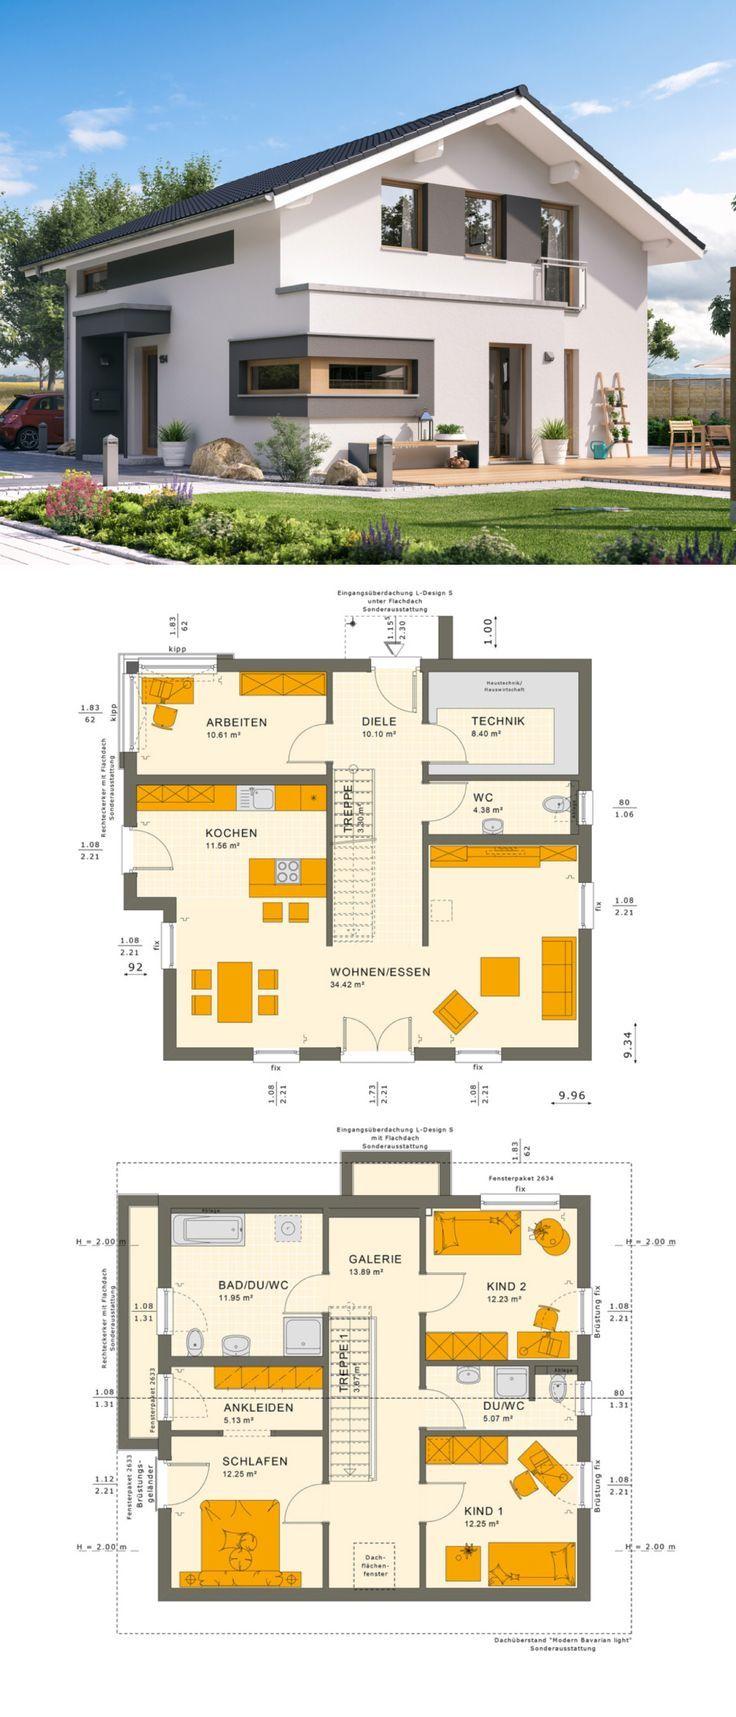 Modernes Design Einfamilienhaus mit Satteldach Architektur – Haus Grundriss Fertighaus Sunshine 154 V5 Living Haus – Haus bauen & Hausbau Design Ideen auf HausbauDirekt.de #haus #hausbauen #hausideen #grundriss #einfamilienhaus #satteldach #erker #fertighaus #hausbaudirekt – HausbauDirekt